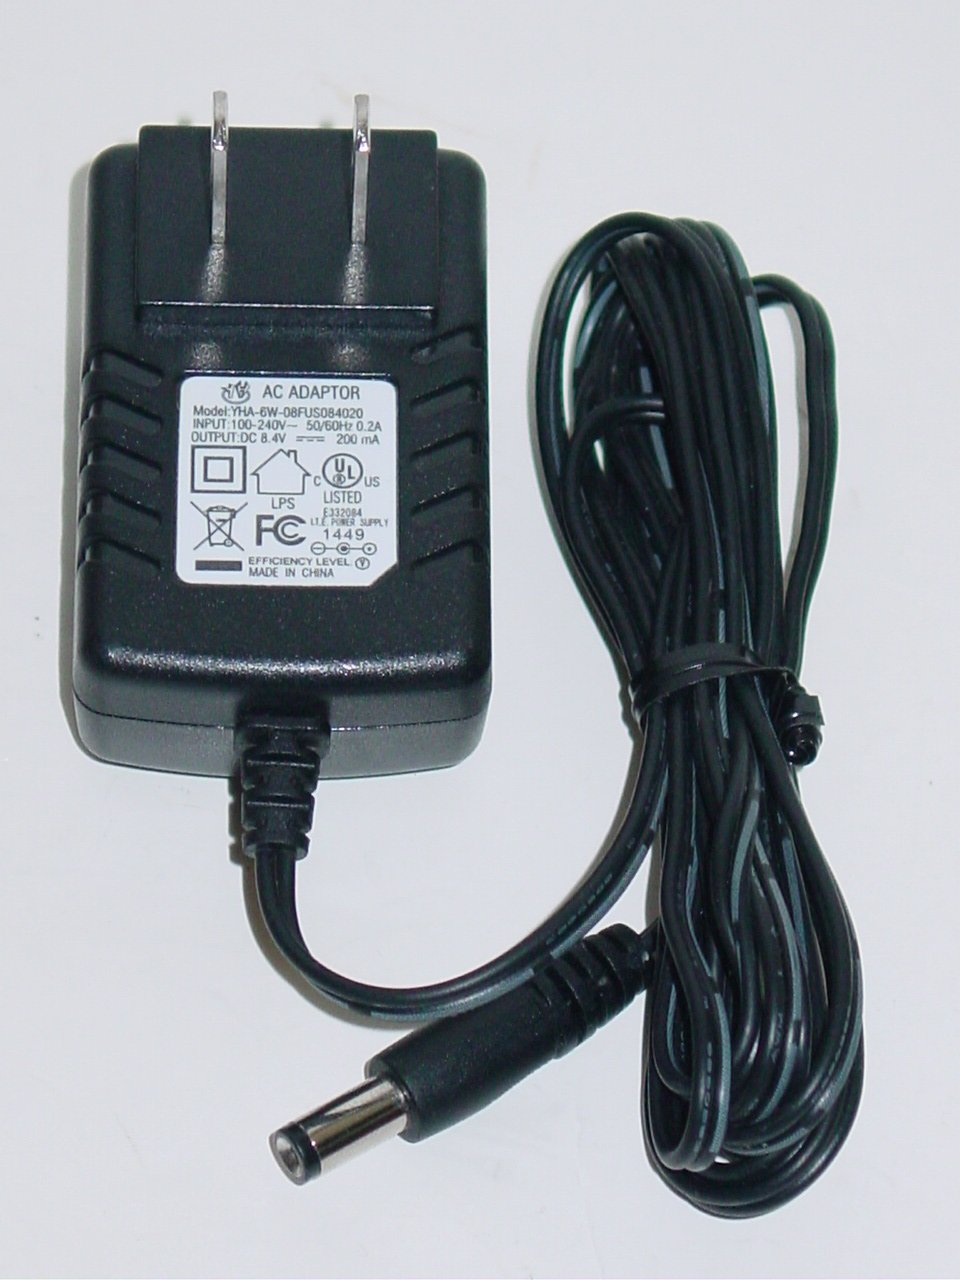 YH YHA-6W-08FUS084020 AC Adapter 8.4V 200mA